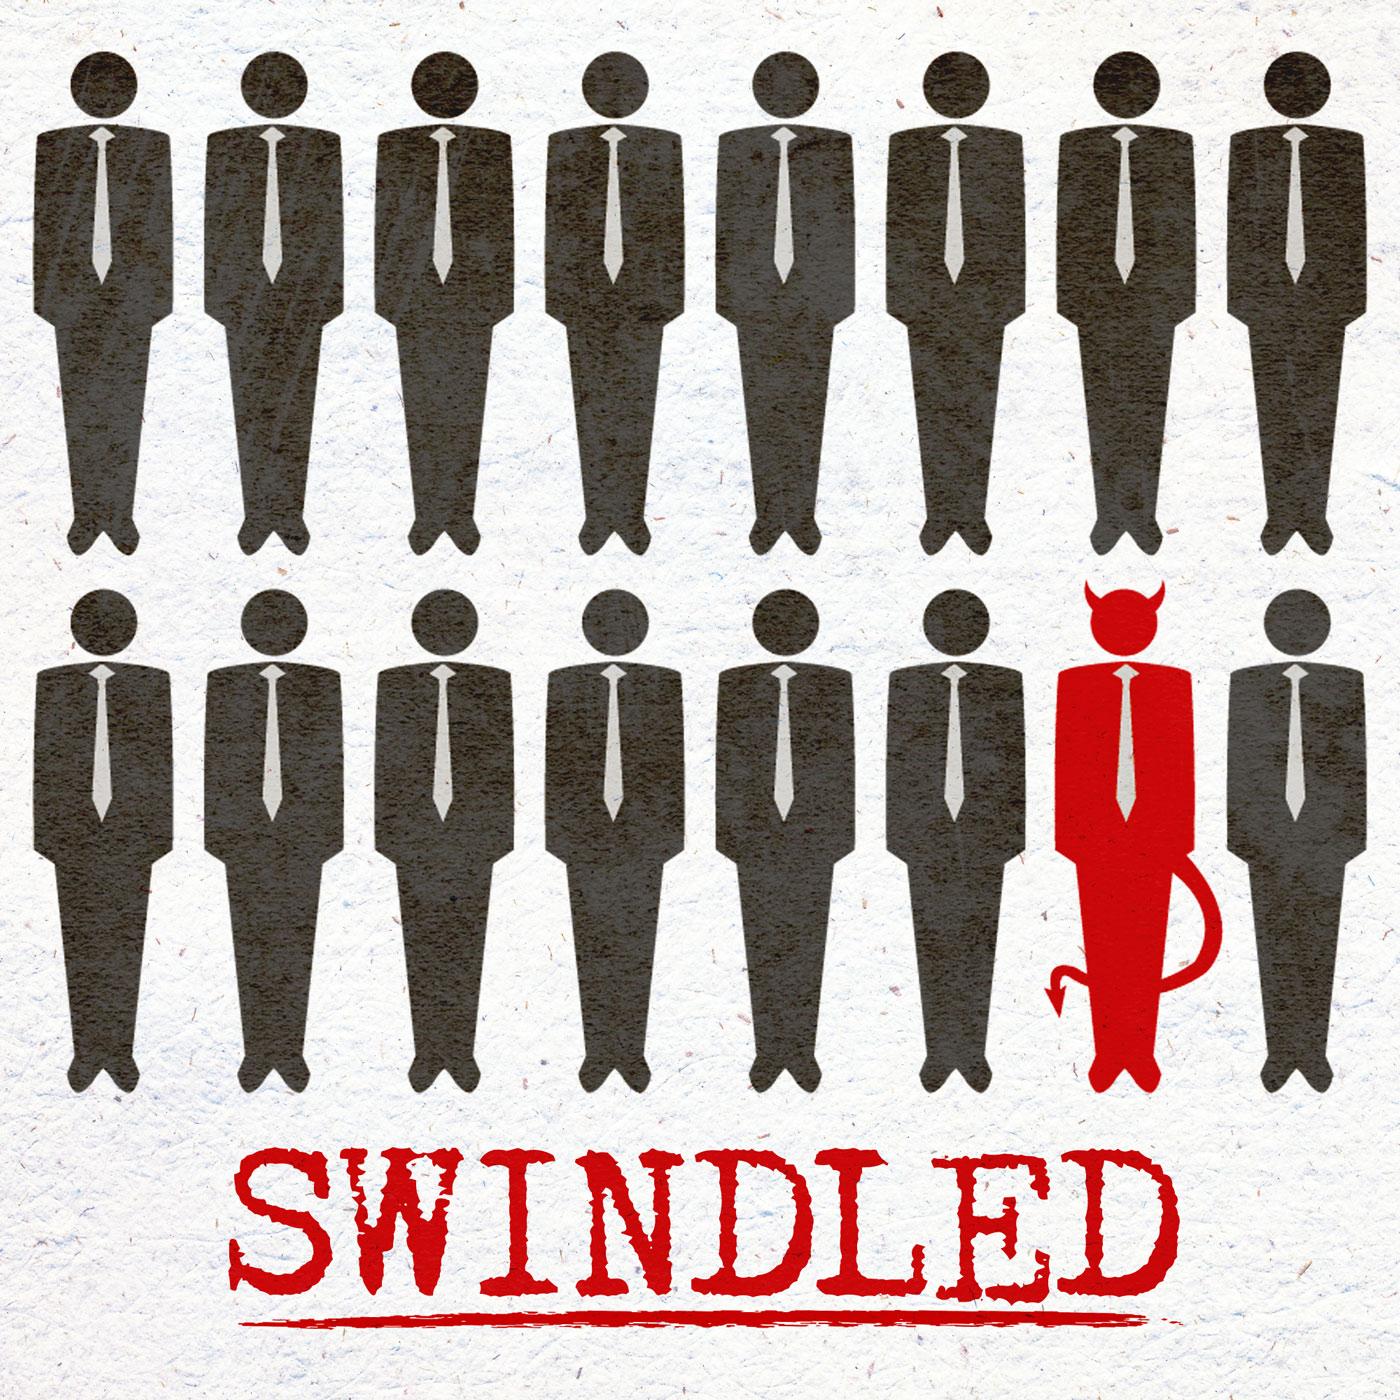 SWINDLED - Wir danken dem concerned citizen für seine unglaubliche Recherchearbeit und Mühe Swindled zu produzieren. Außerdem wollen wir uns für die Zusammenarbeit bedanken, die uns ermöglicht hat diese unfassbaren Geschichten nach Deutschland zu bringen!